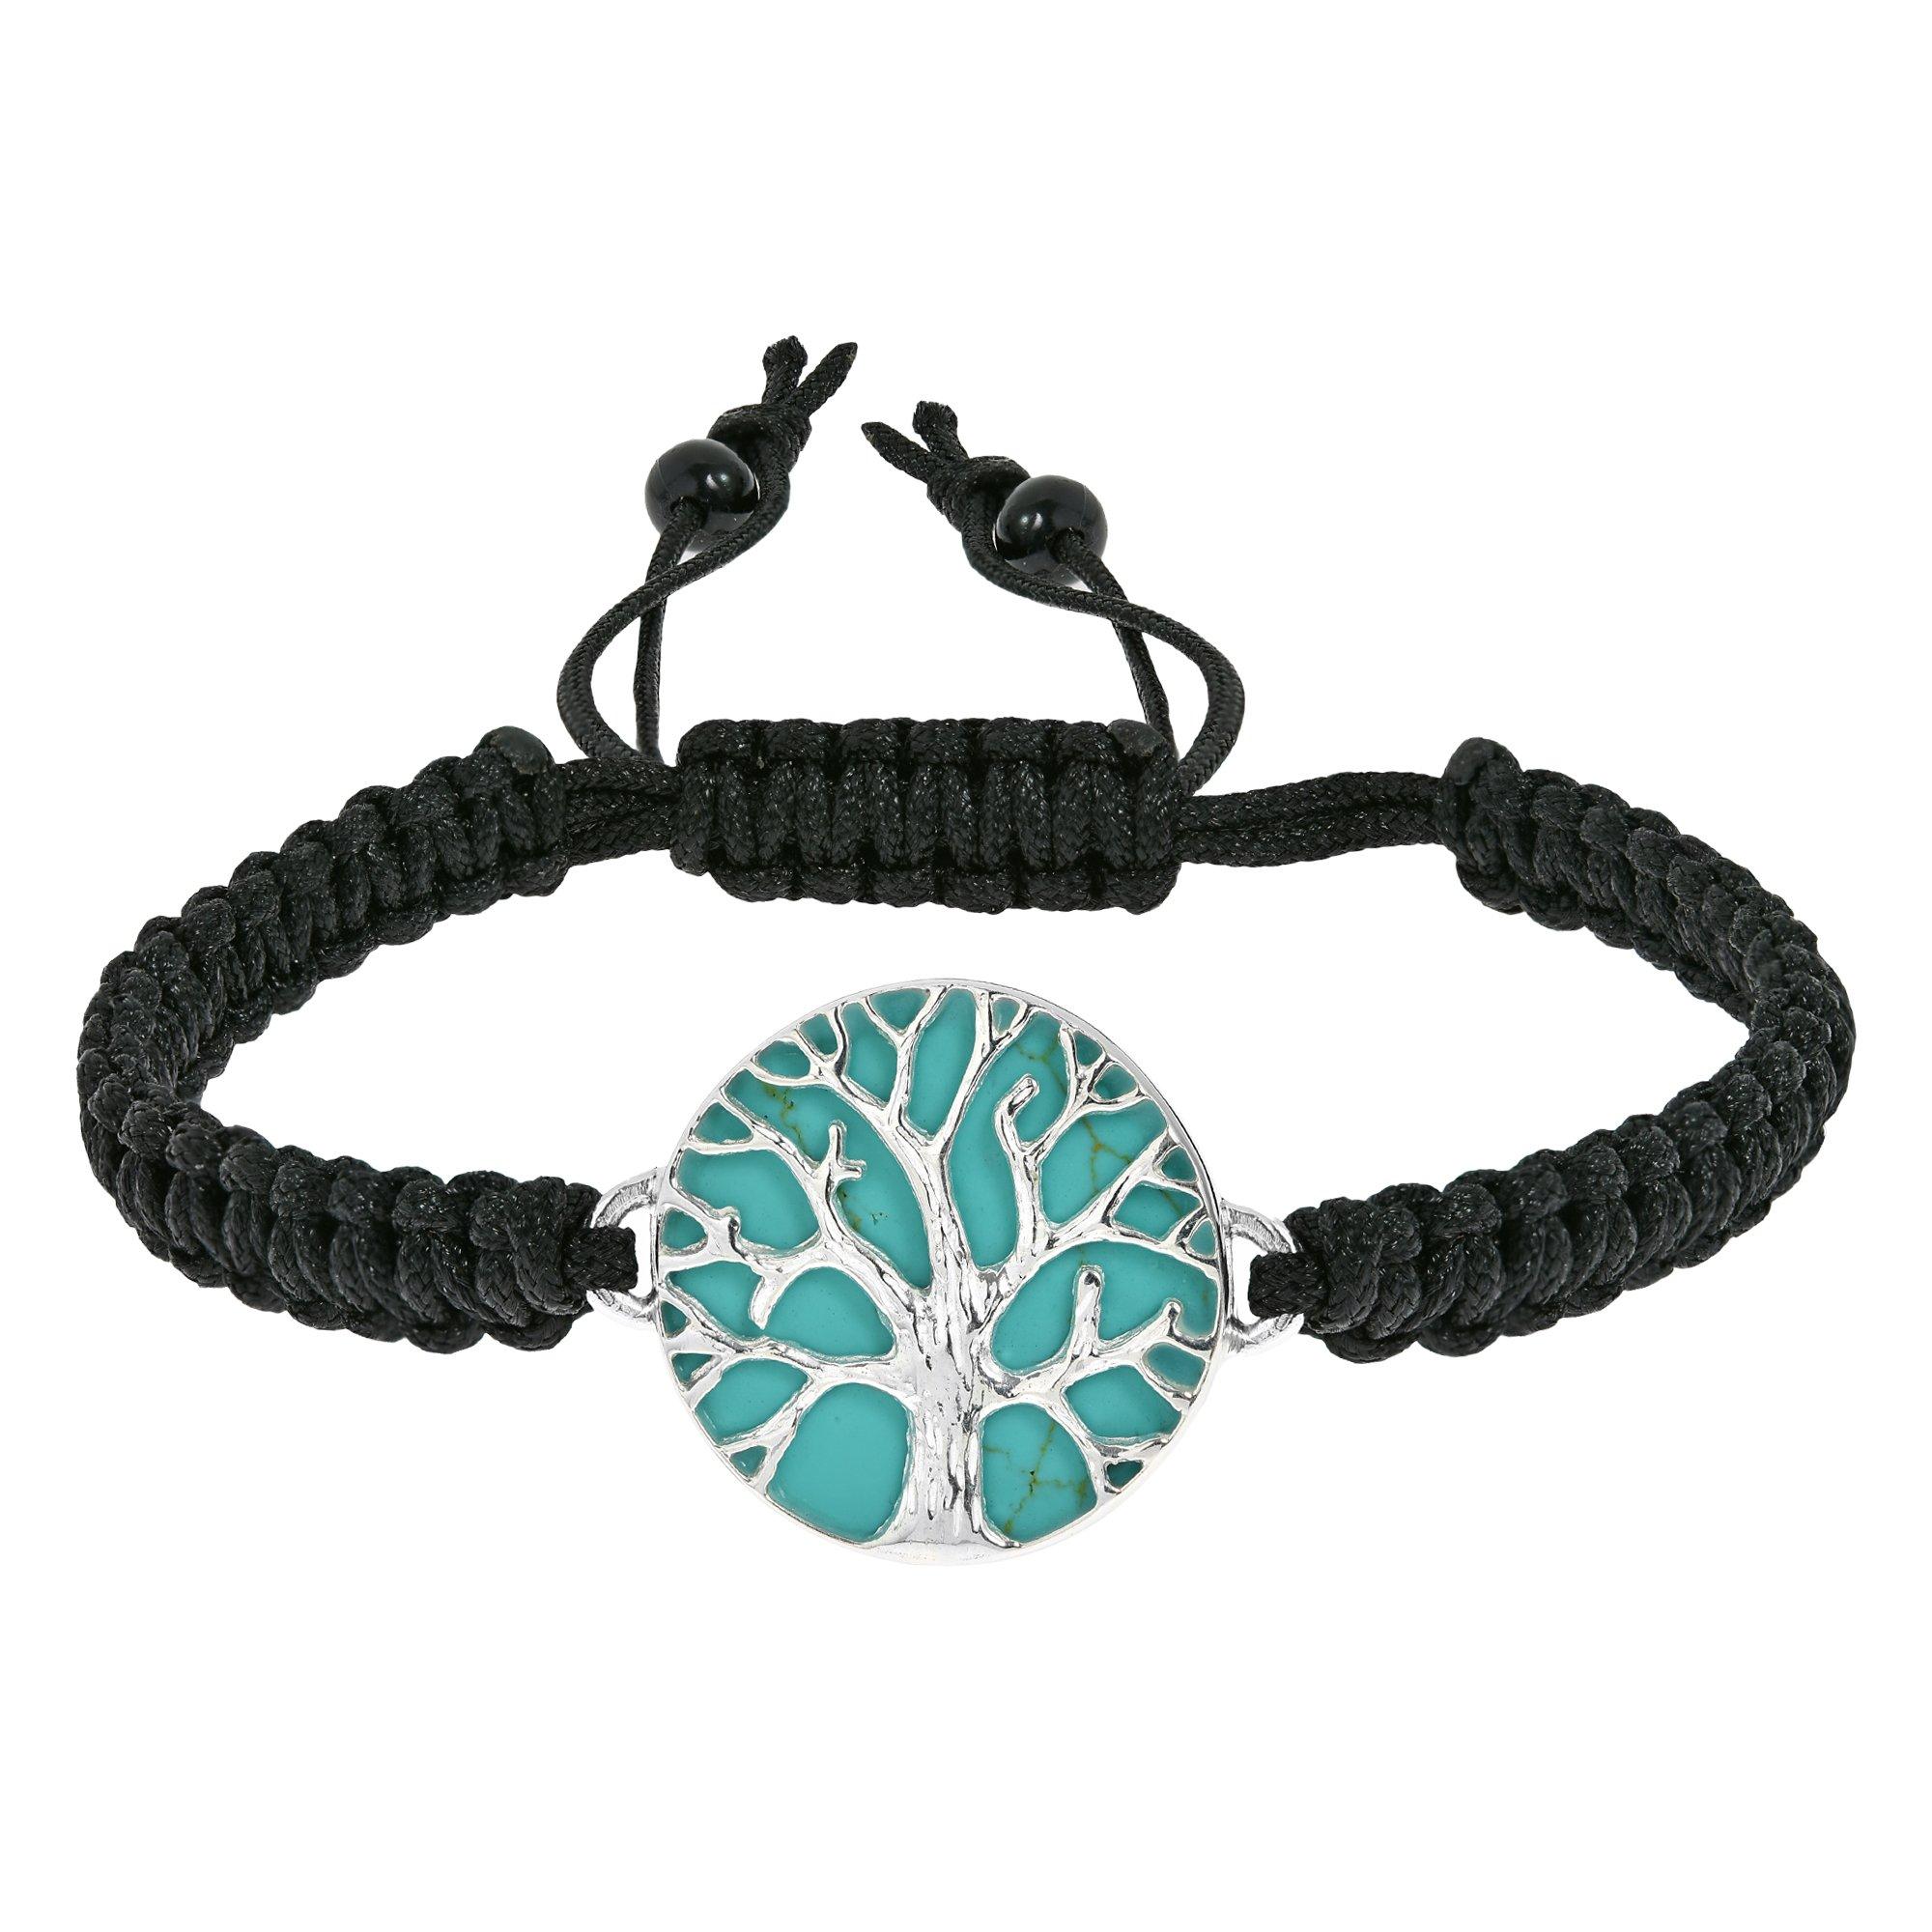 AeraVida Mystical Tree of Life Simulated Turquoise Inlay Adjustable Wrist Pull Bracelet